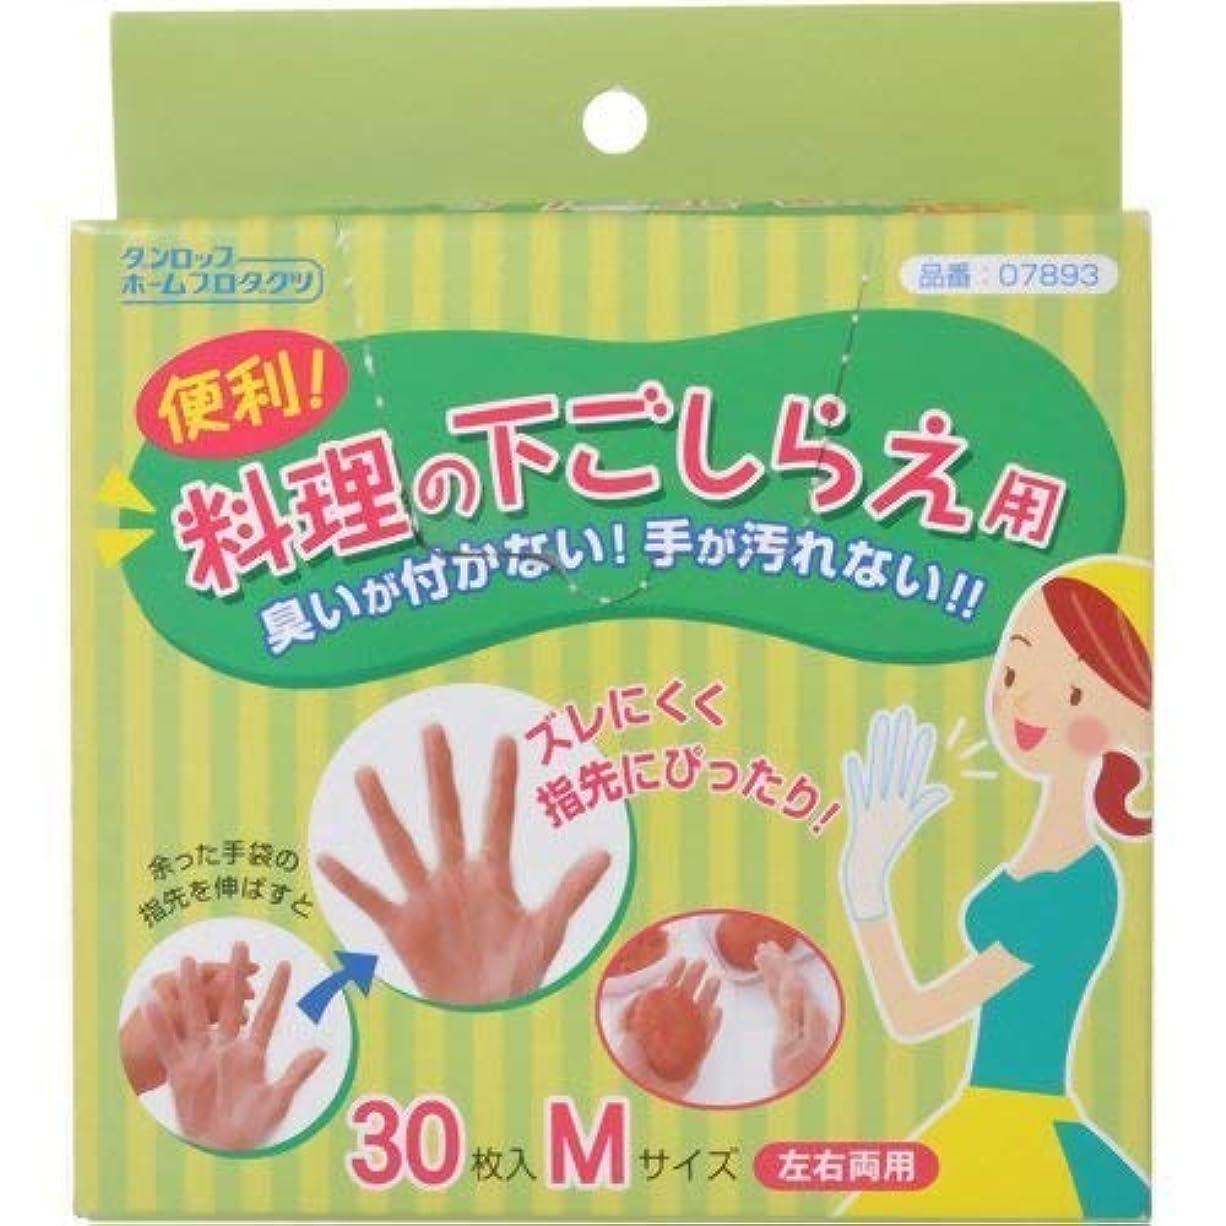 料理の下ごしらえ用手袋 30枚入 ×60個